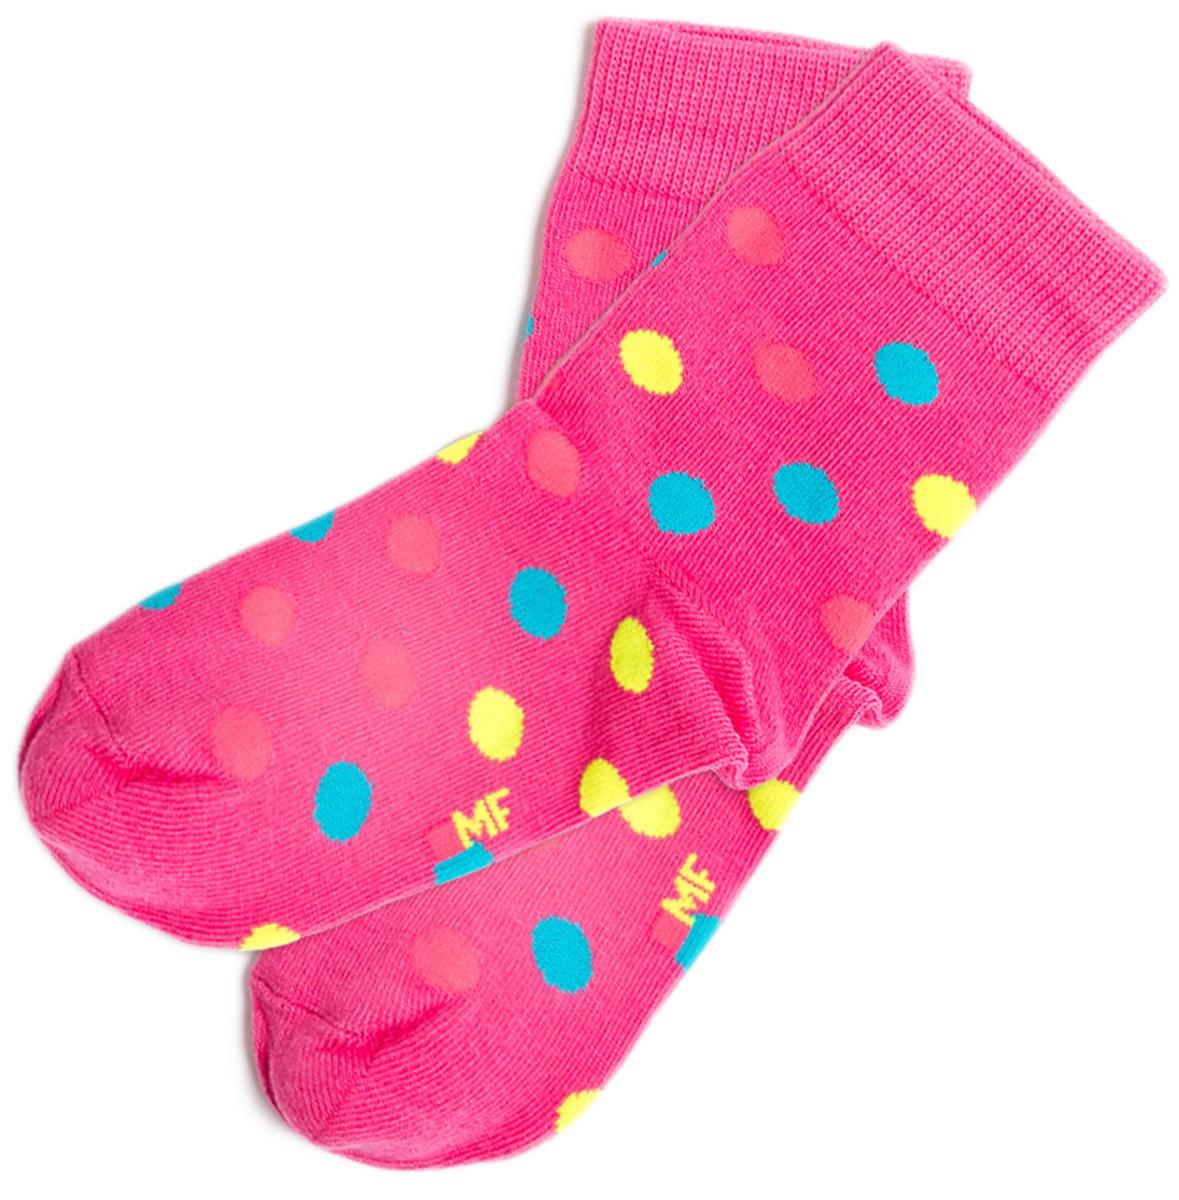 Носки детские Mark Formelle, цвет: ярко-розовый. 400K-382_B3-6400K. Размер 25/27400K-382_B3-6400K